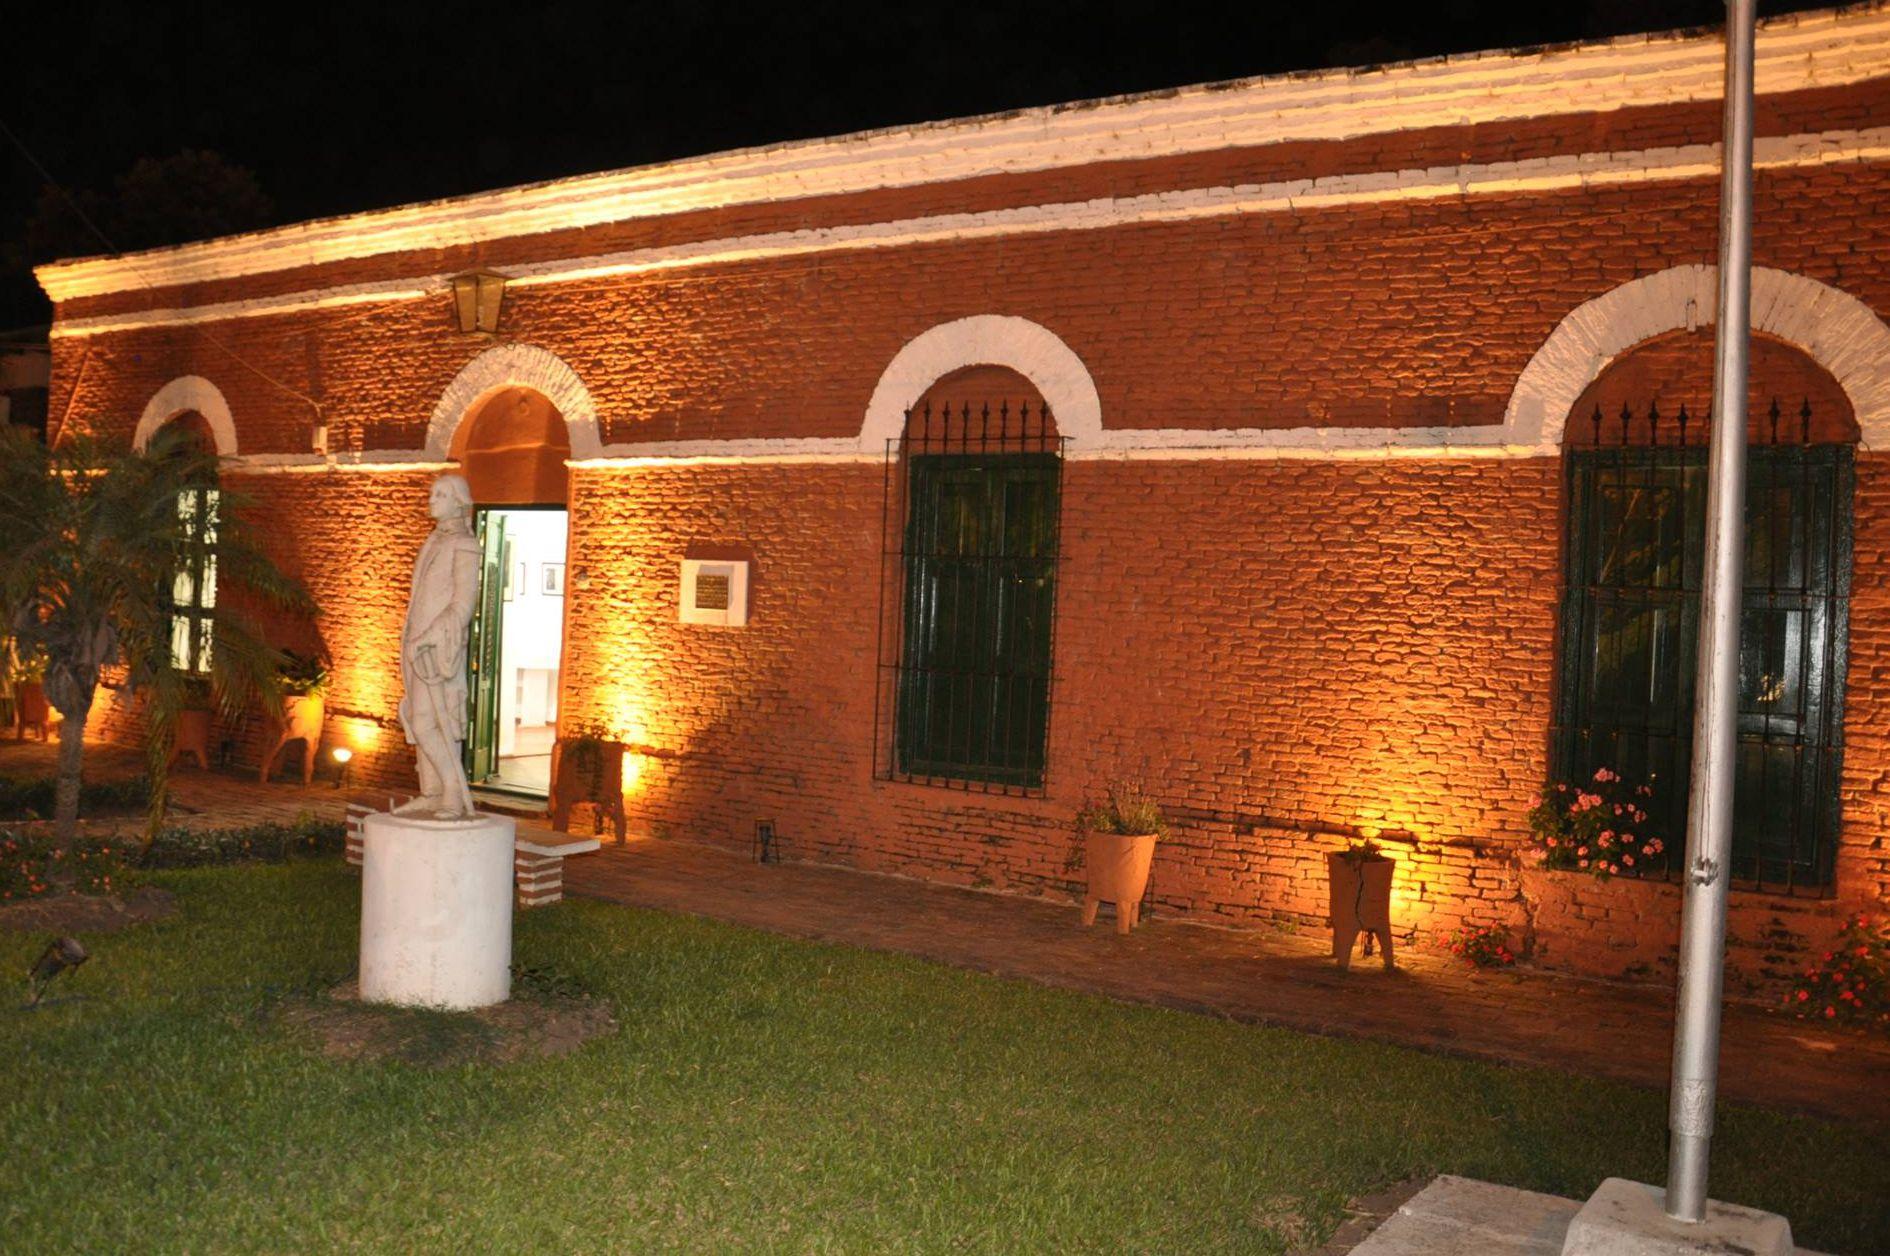 museo-camila-noche